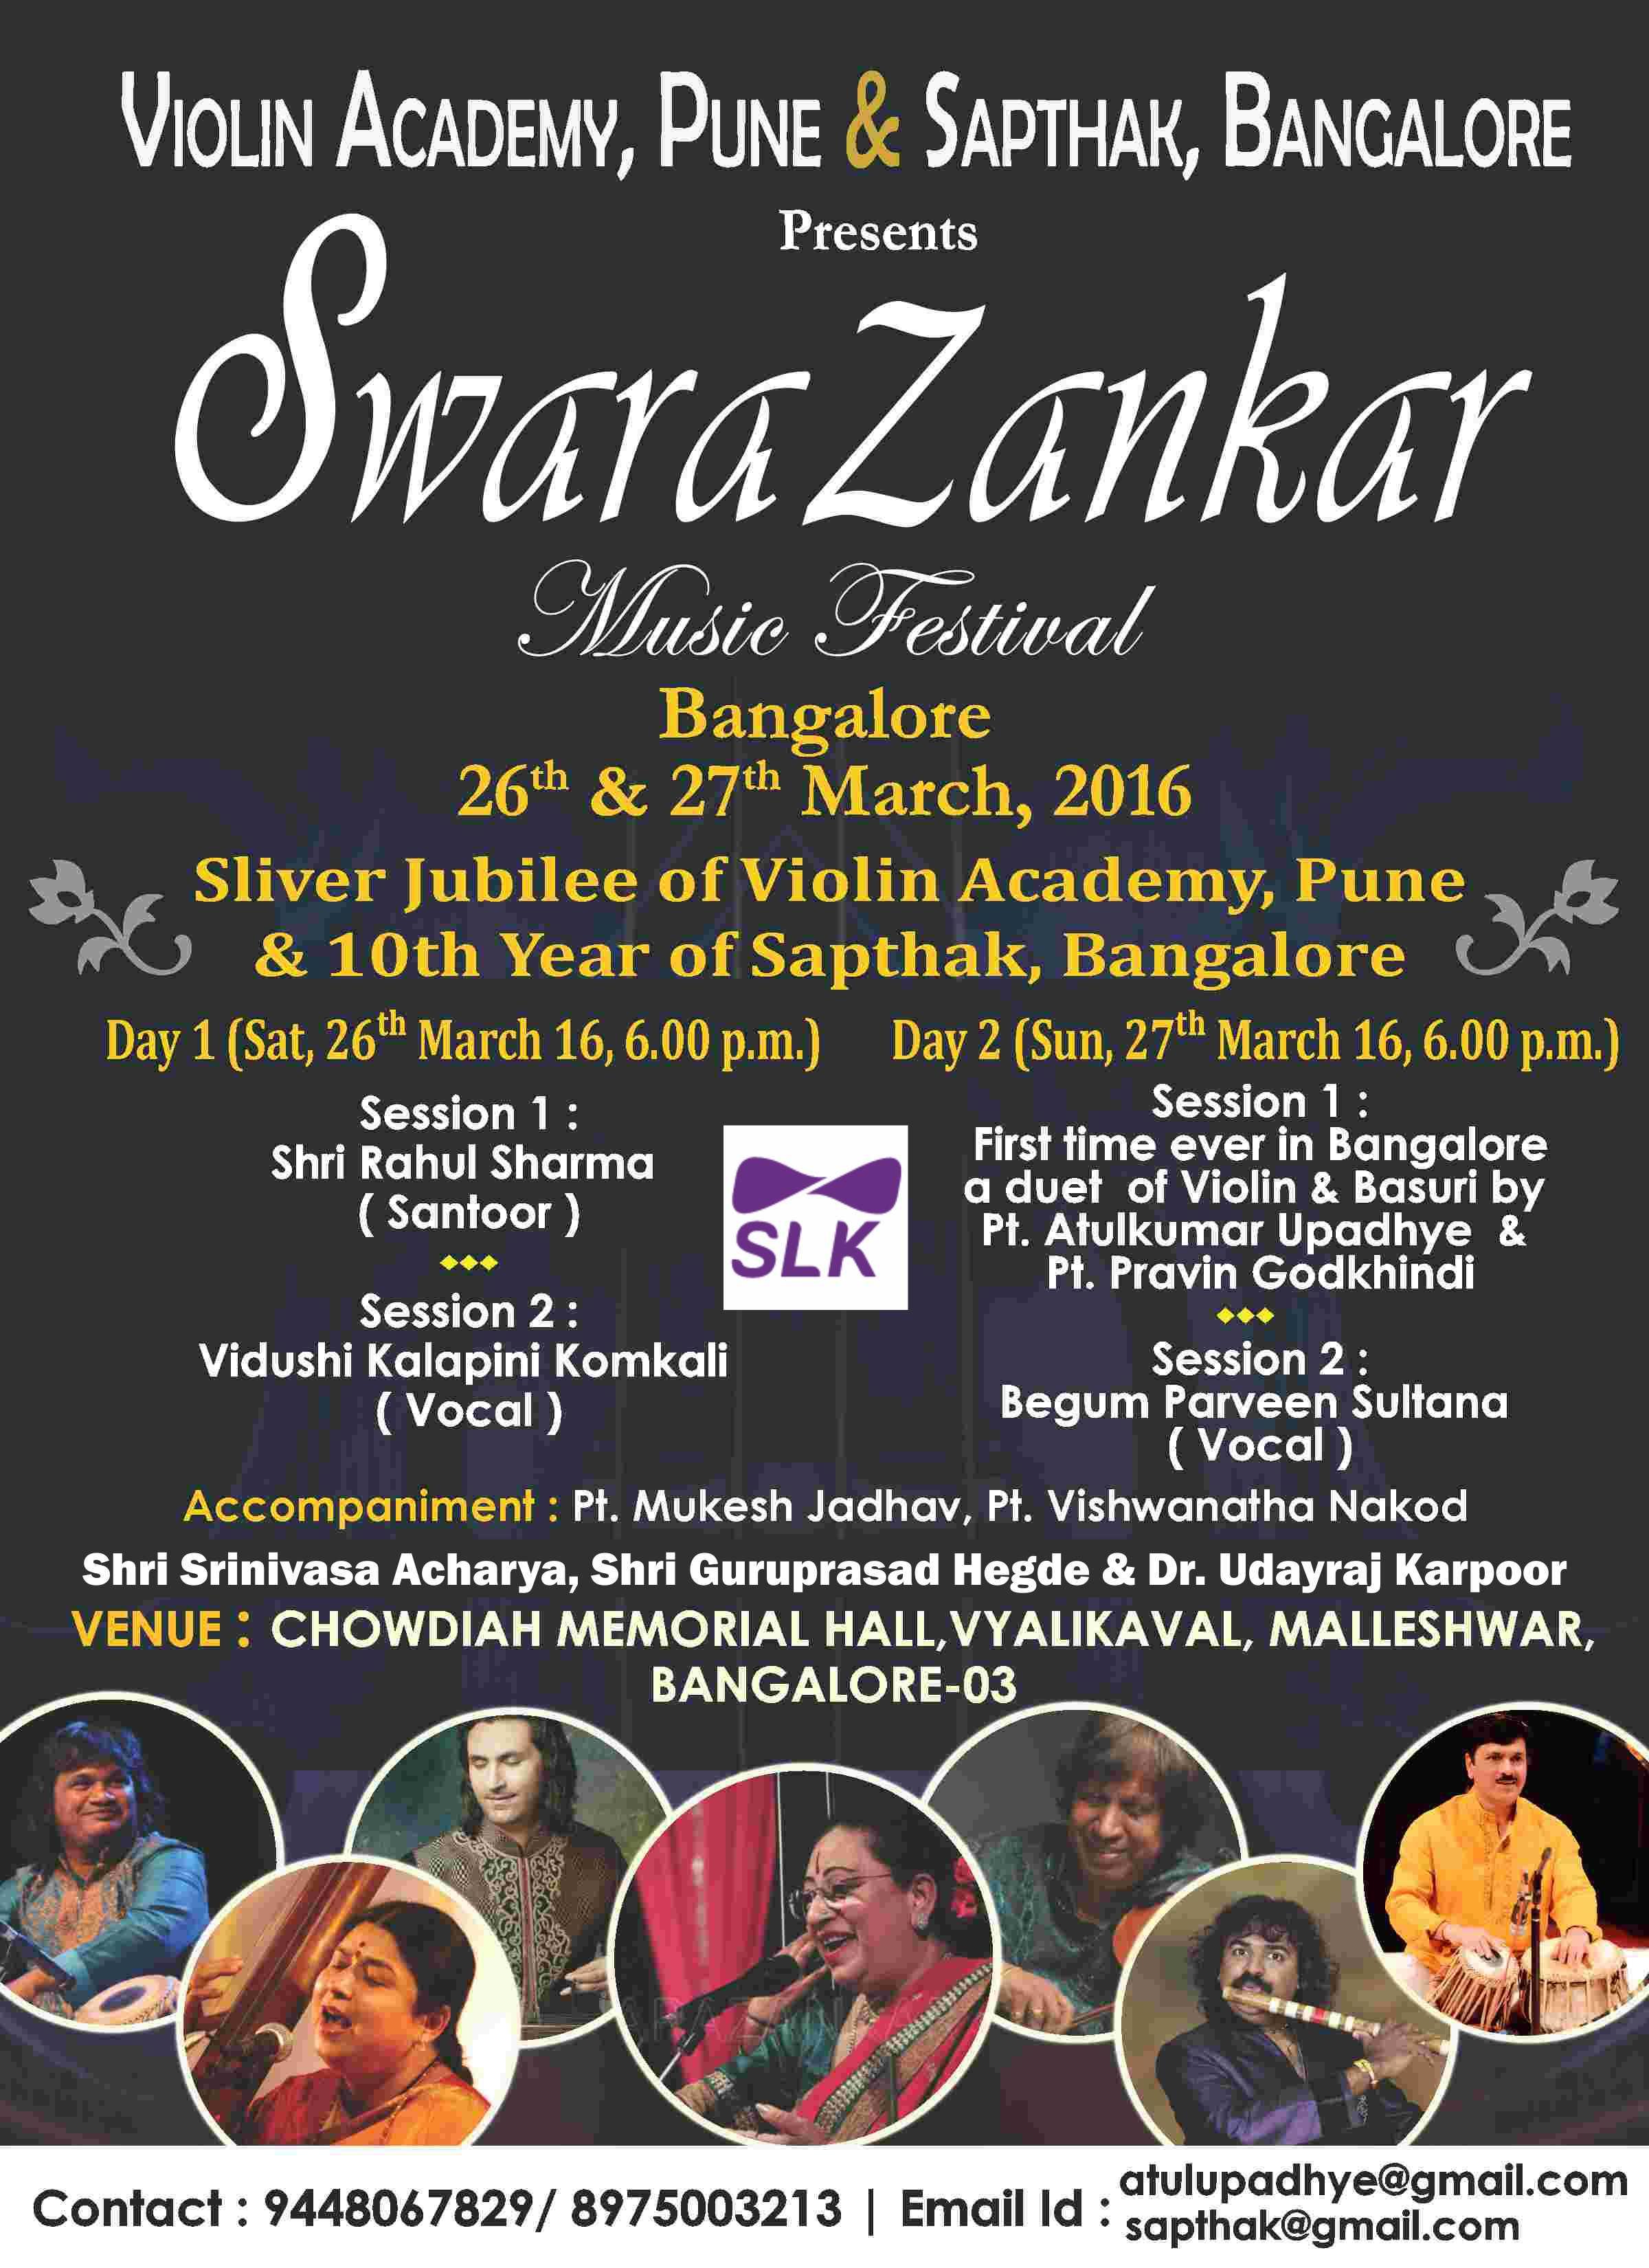 Swara Zankara